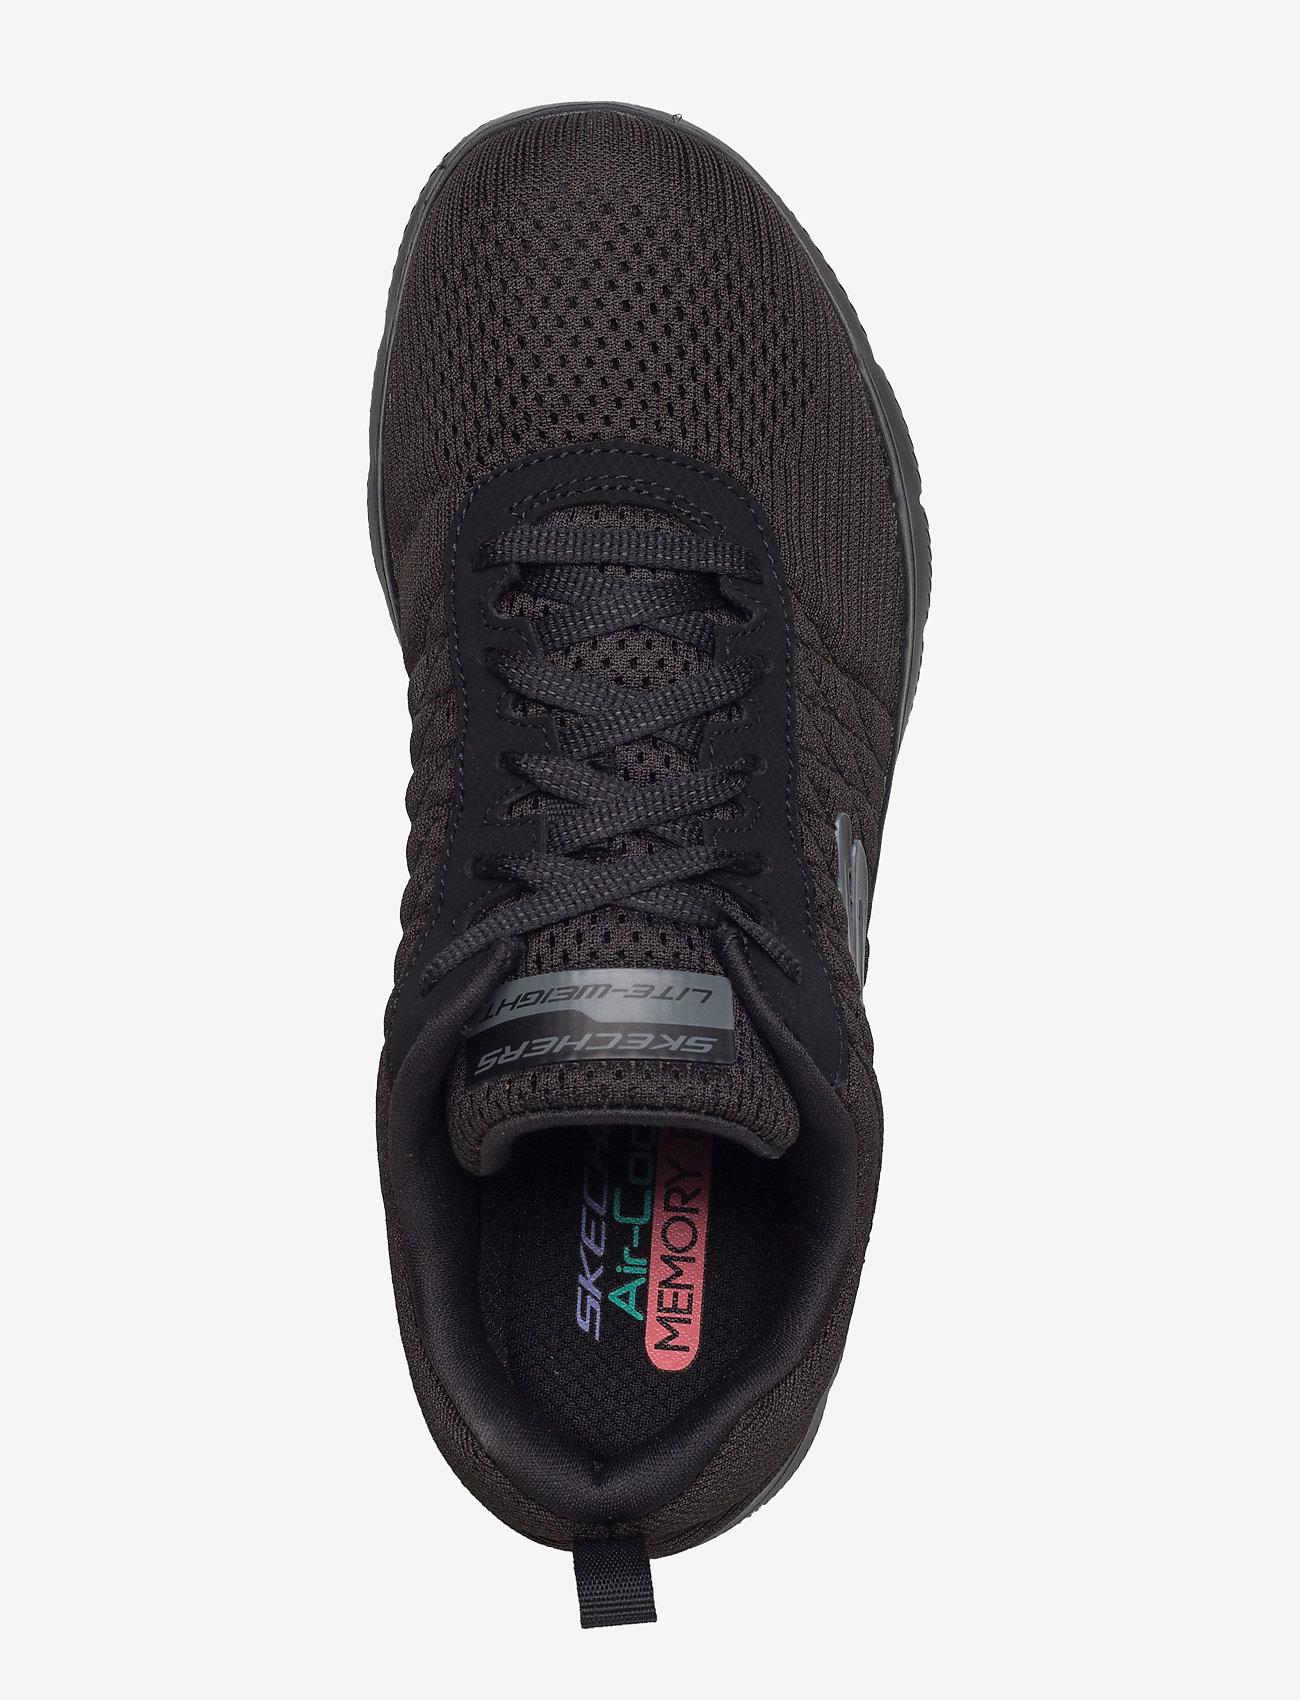 Skechers Womens Flex Appeal 2,0 Break Free - Sneakers Bbk Black